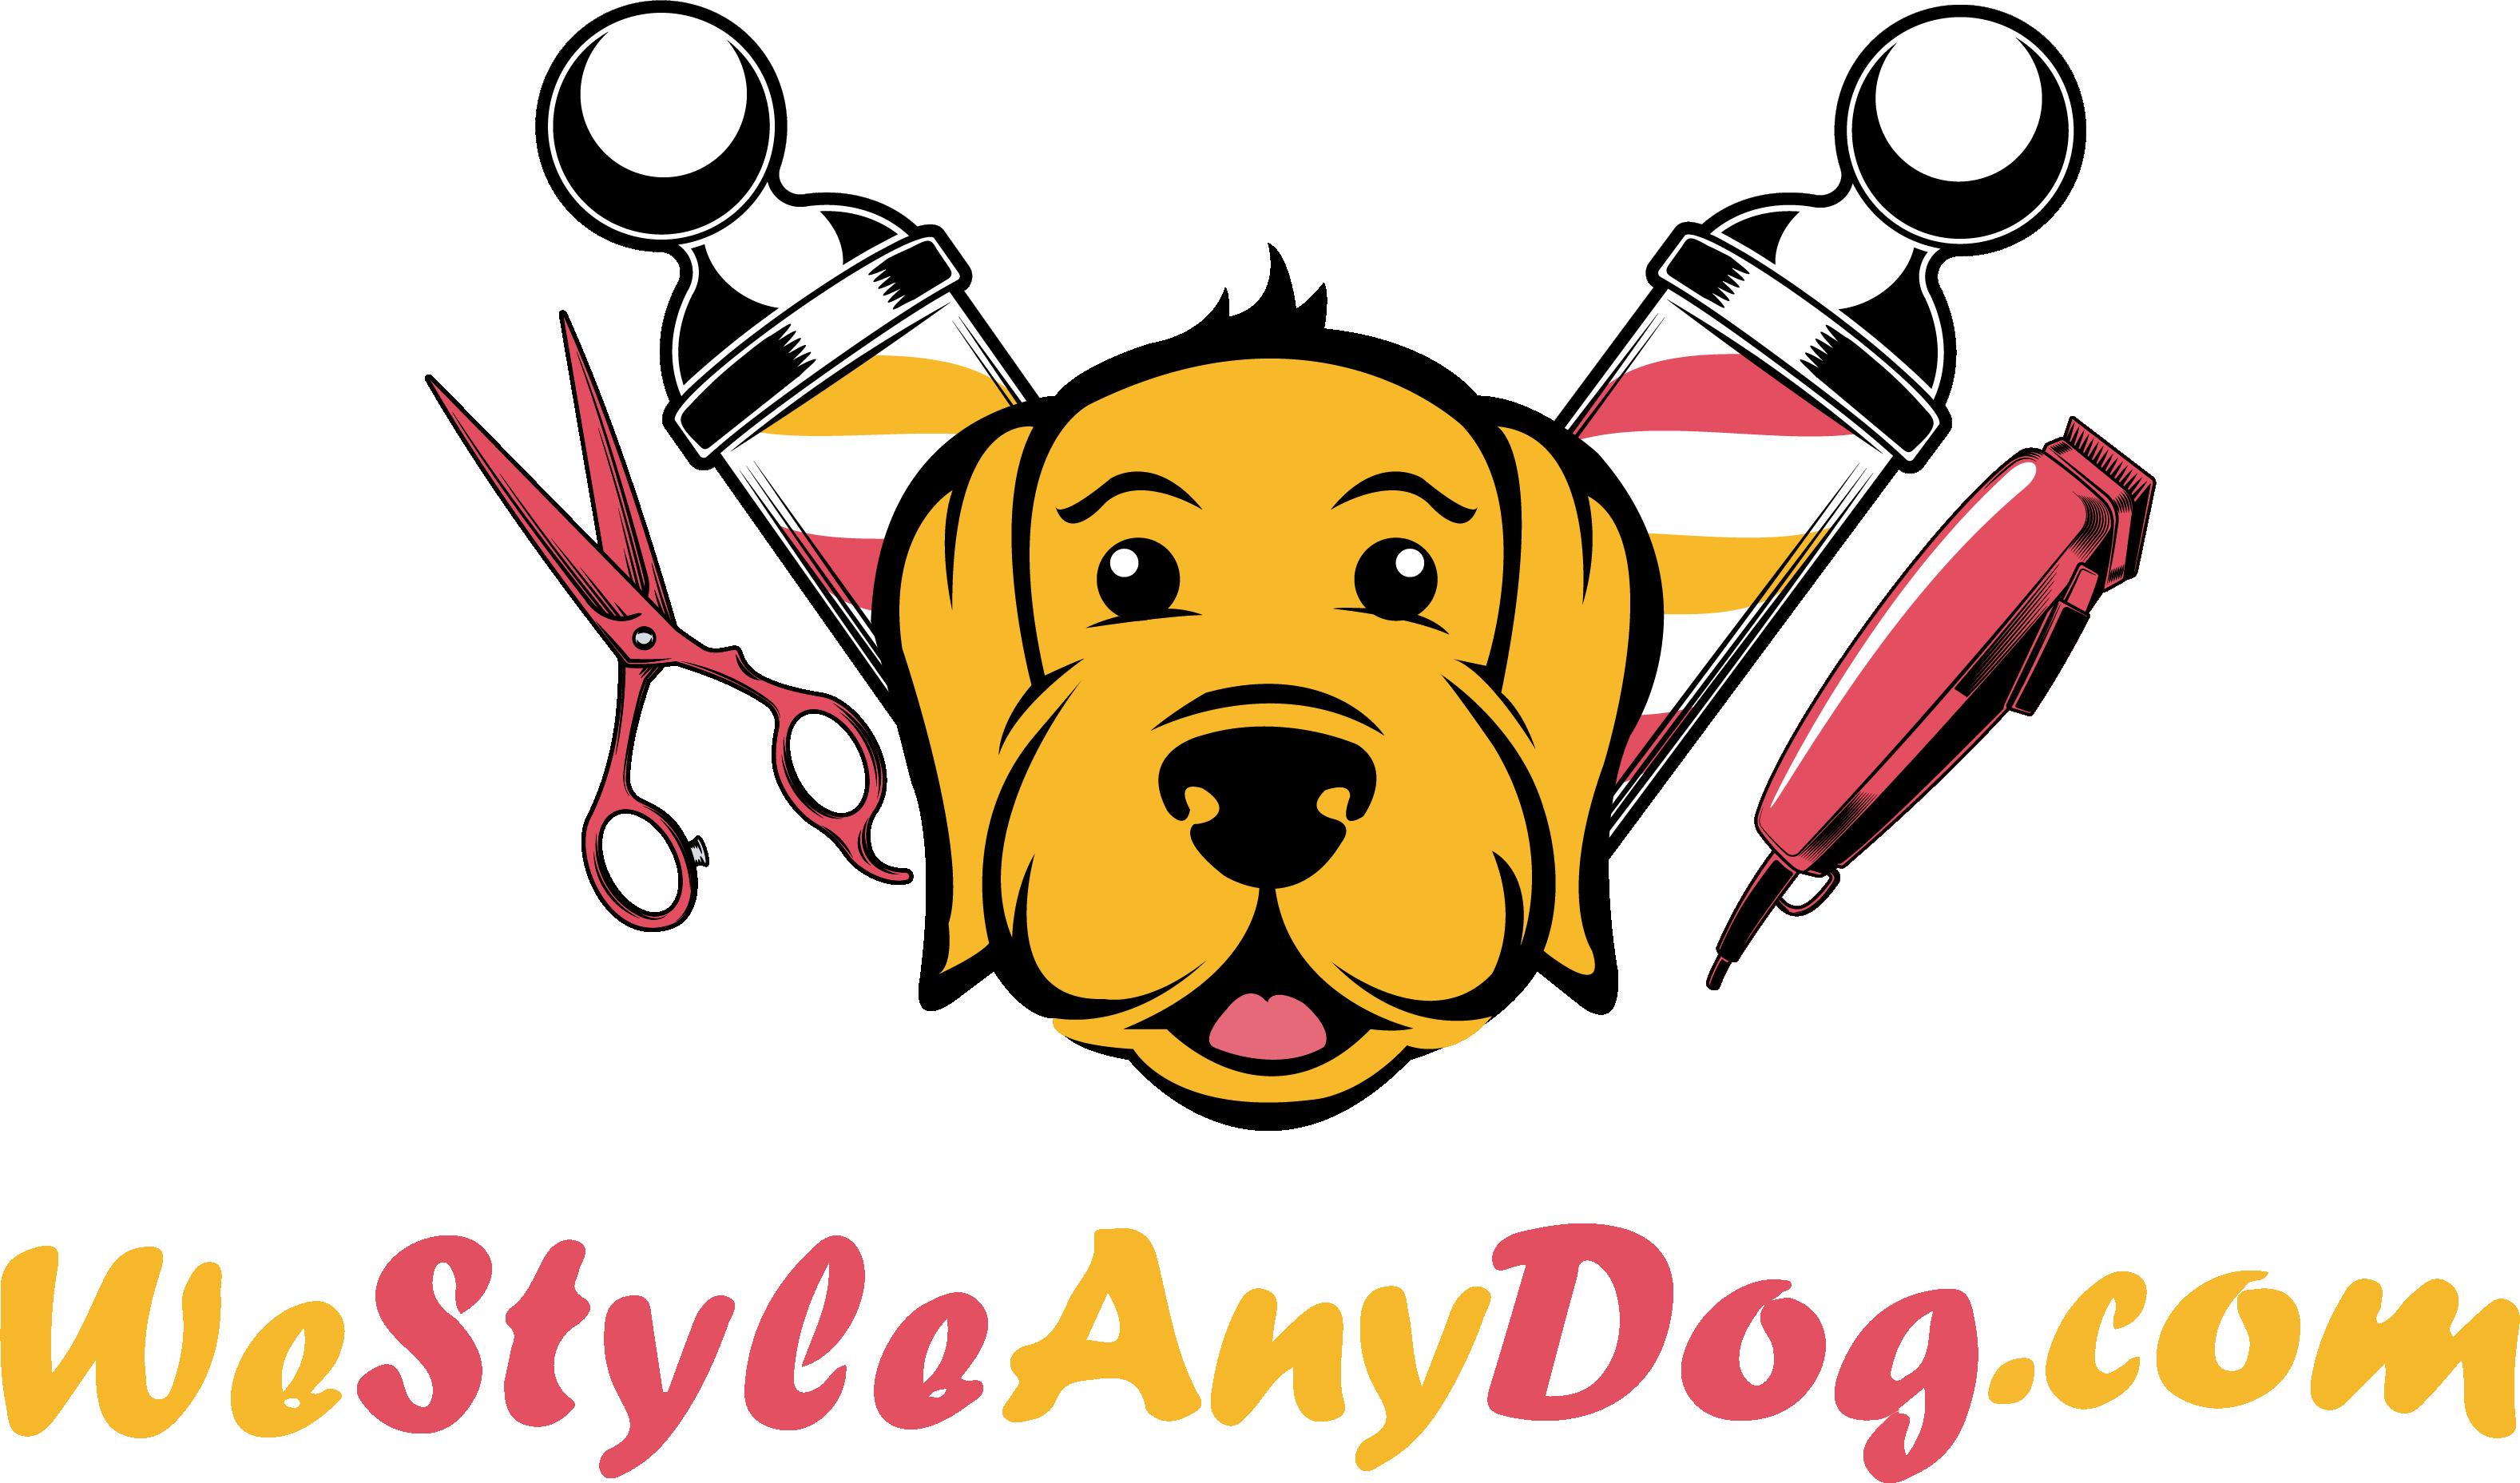 Dog groomer clipart jpg stock Local Rutland Mobile Dog Grooming - Oakham & Stamford Dog Groomers ... jpg stock